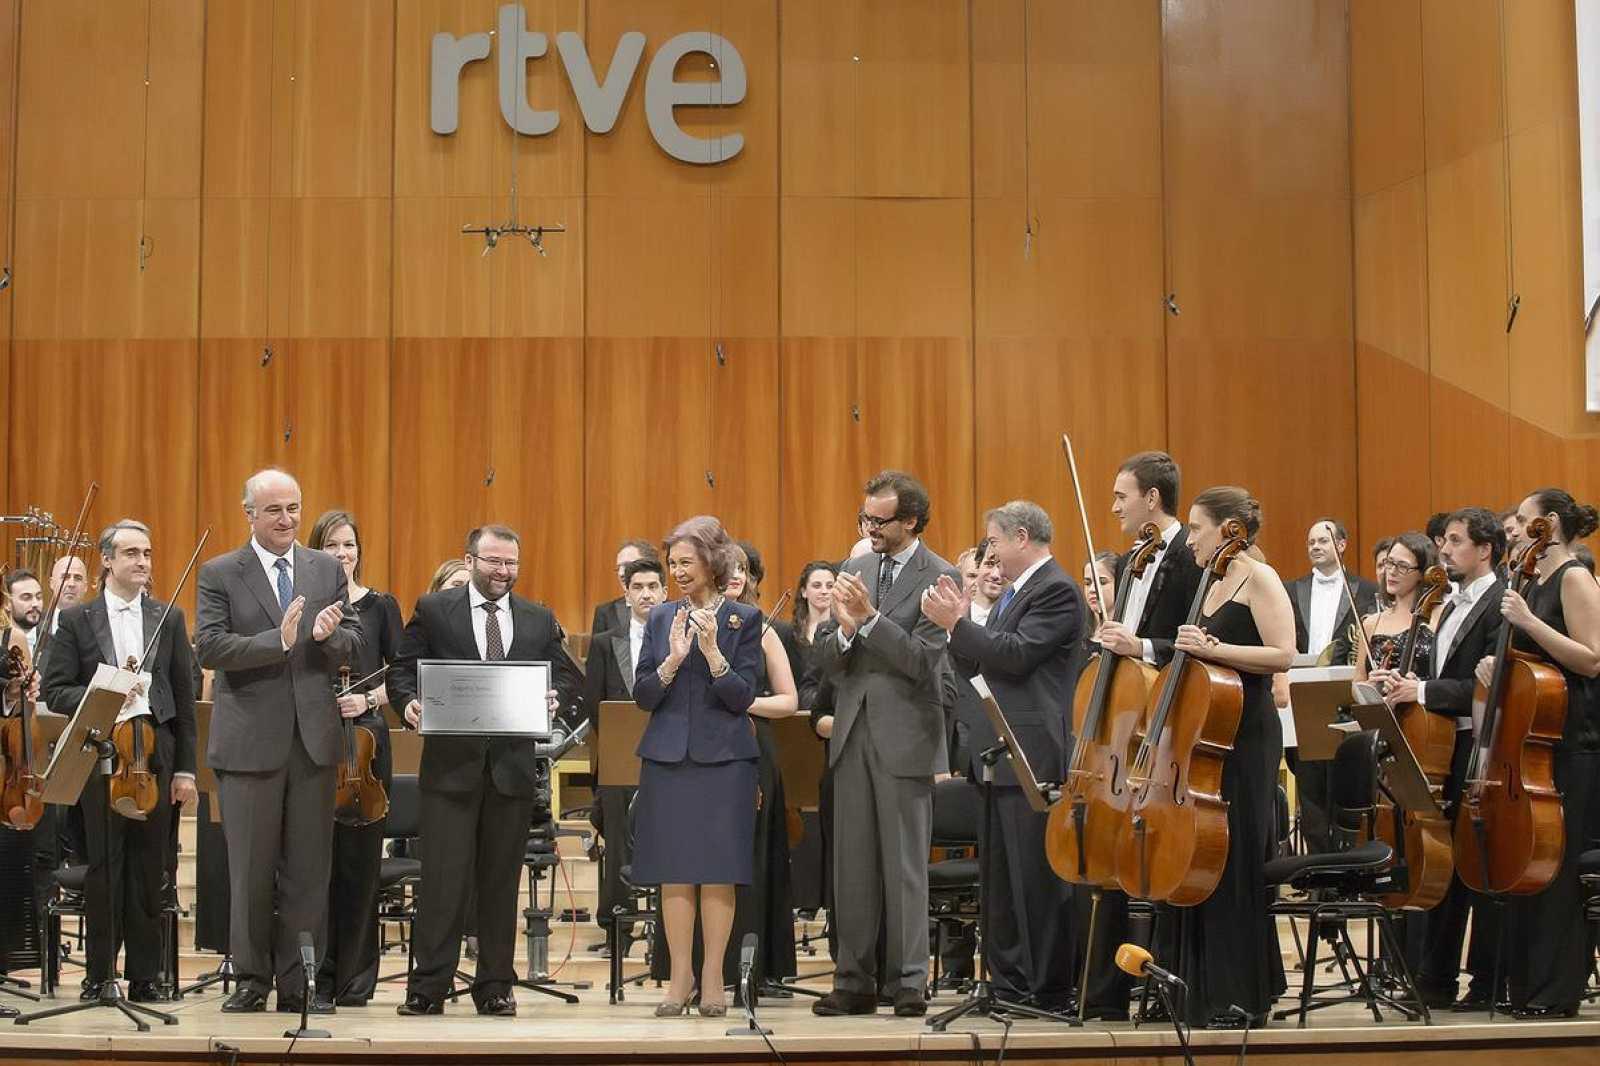 La Orquesta Sinfónica RTVE estrena 'Orografía sonora', obra ganadora del Premio Reina Sofía de Composición Musical